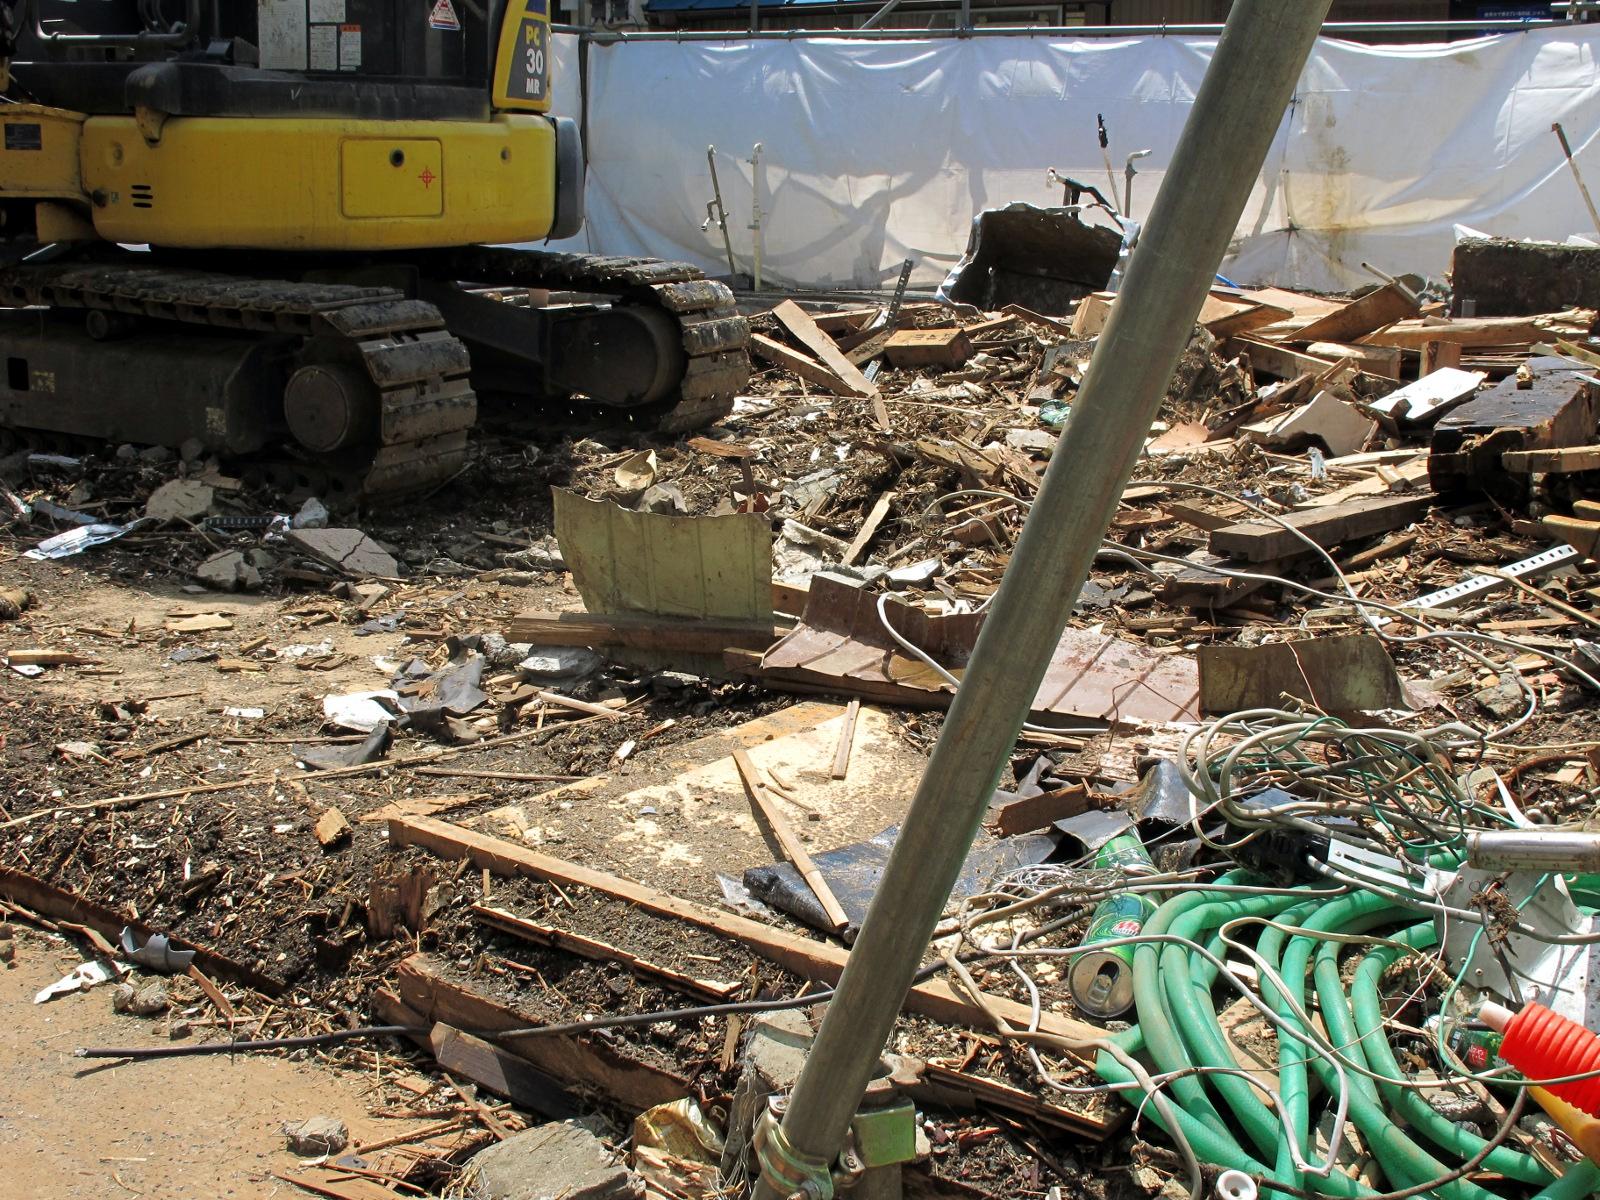 解体工事の業種追加はお済みでしょうか